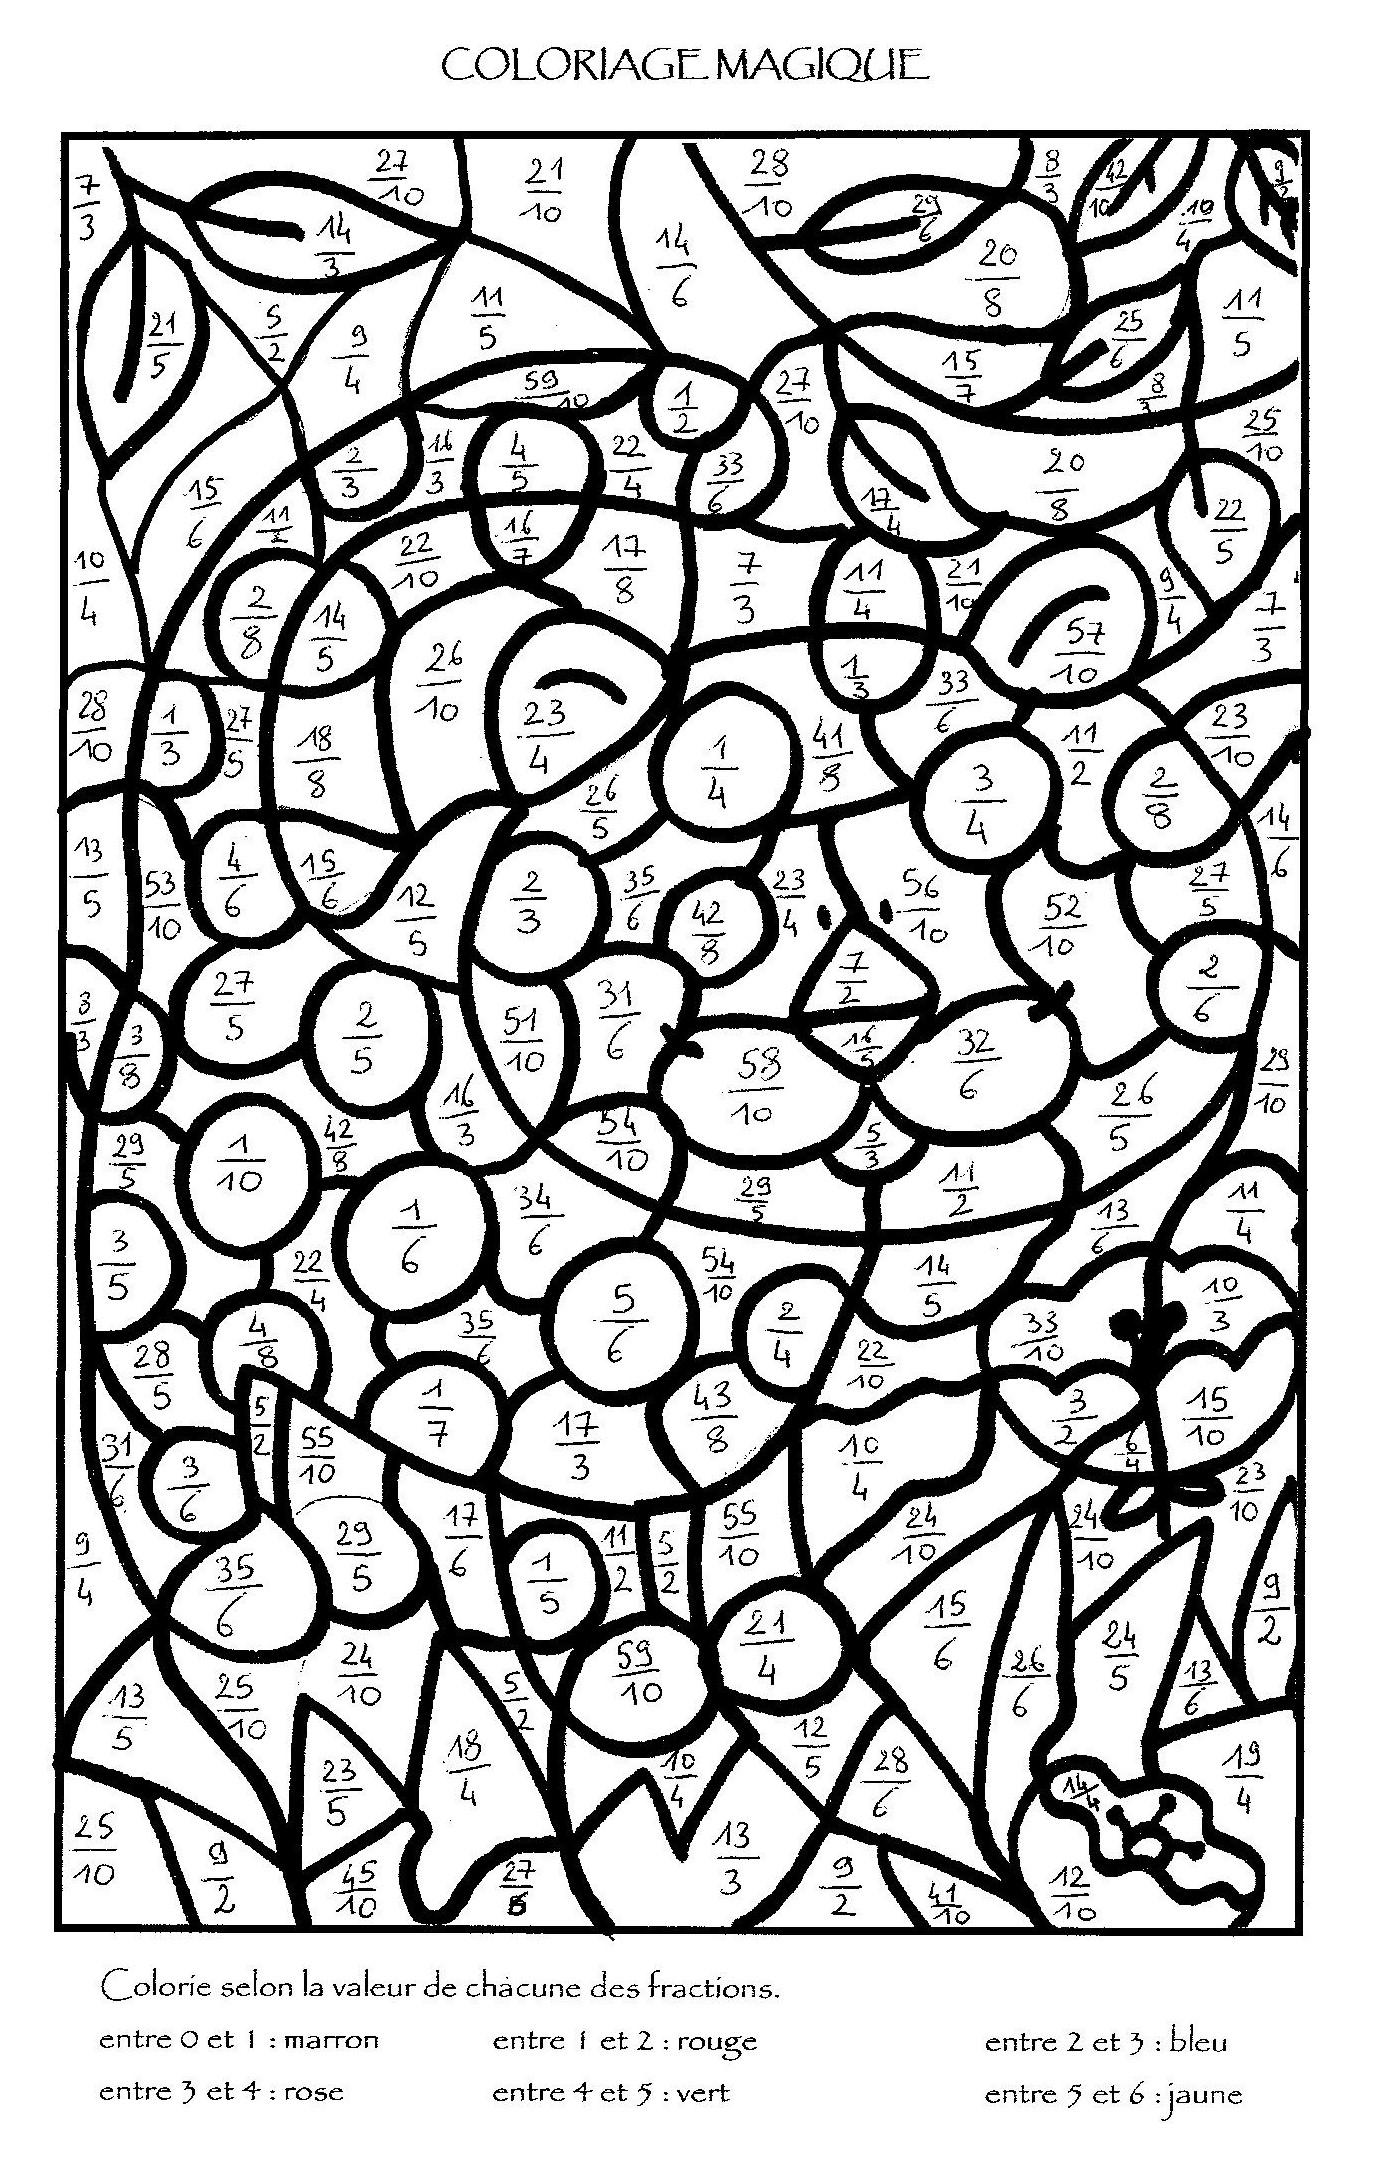 Coloriage Magique Cm2 Fractions